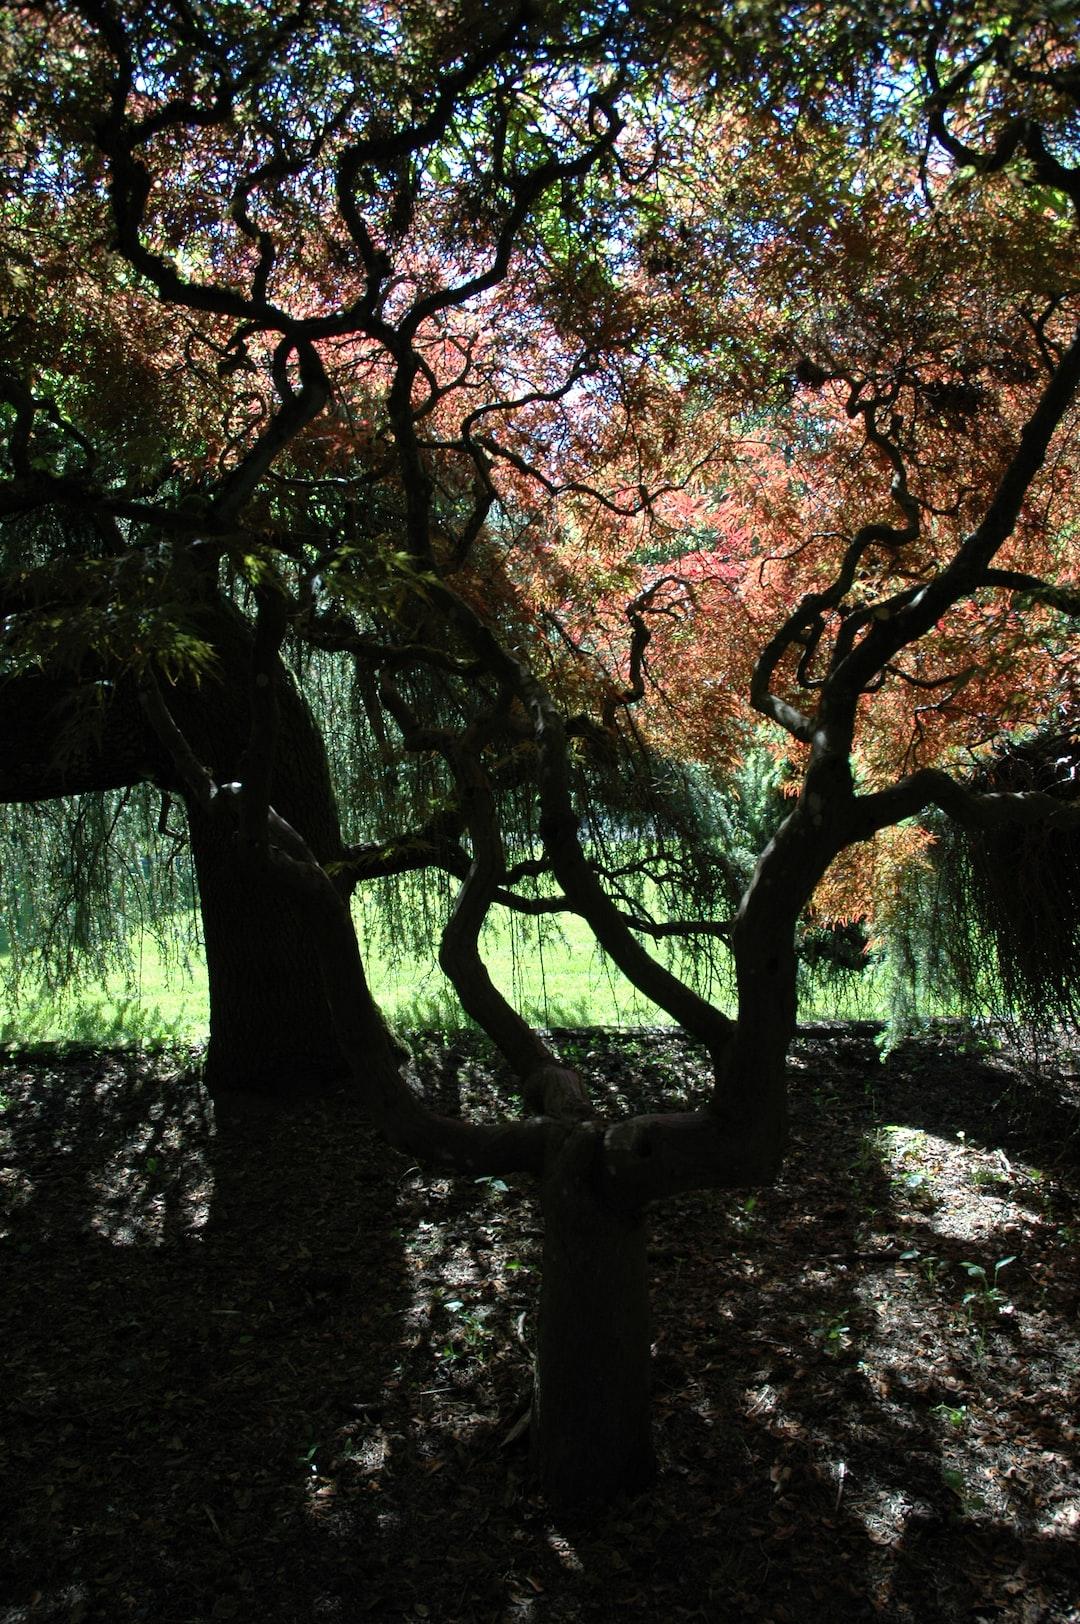 Japanese maple forest, whispering a story, Kubota American Japanese garden, Tukwila, Washington, USA